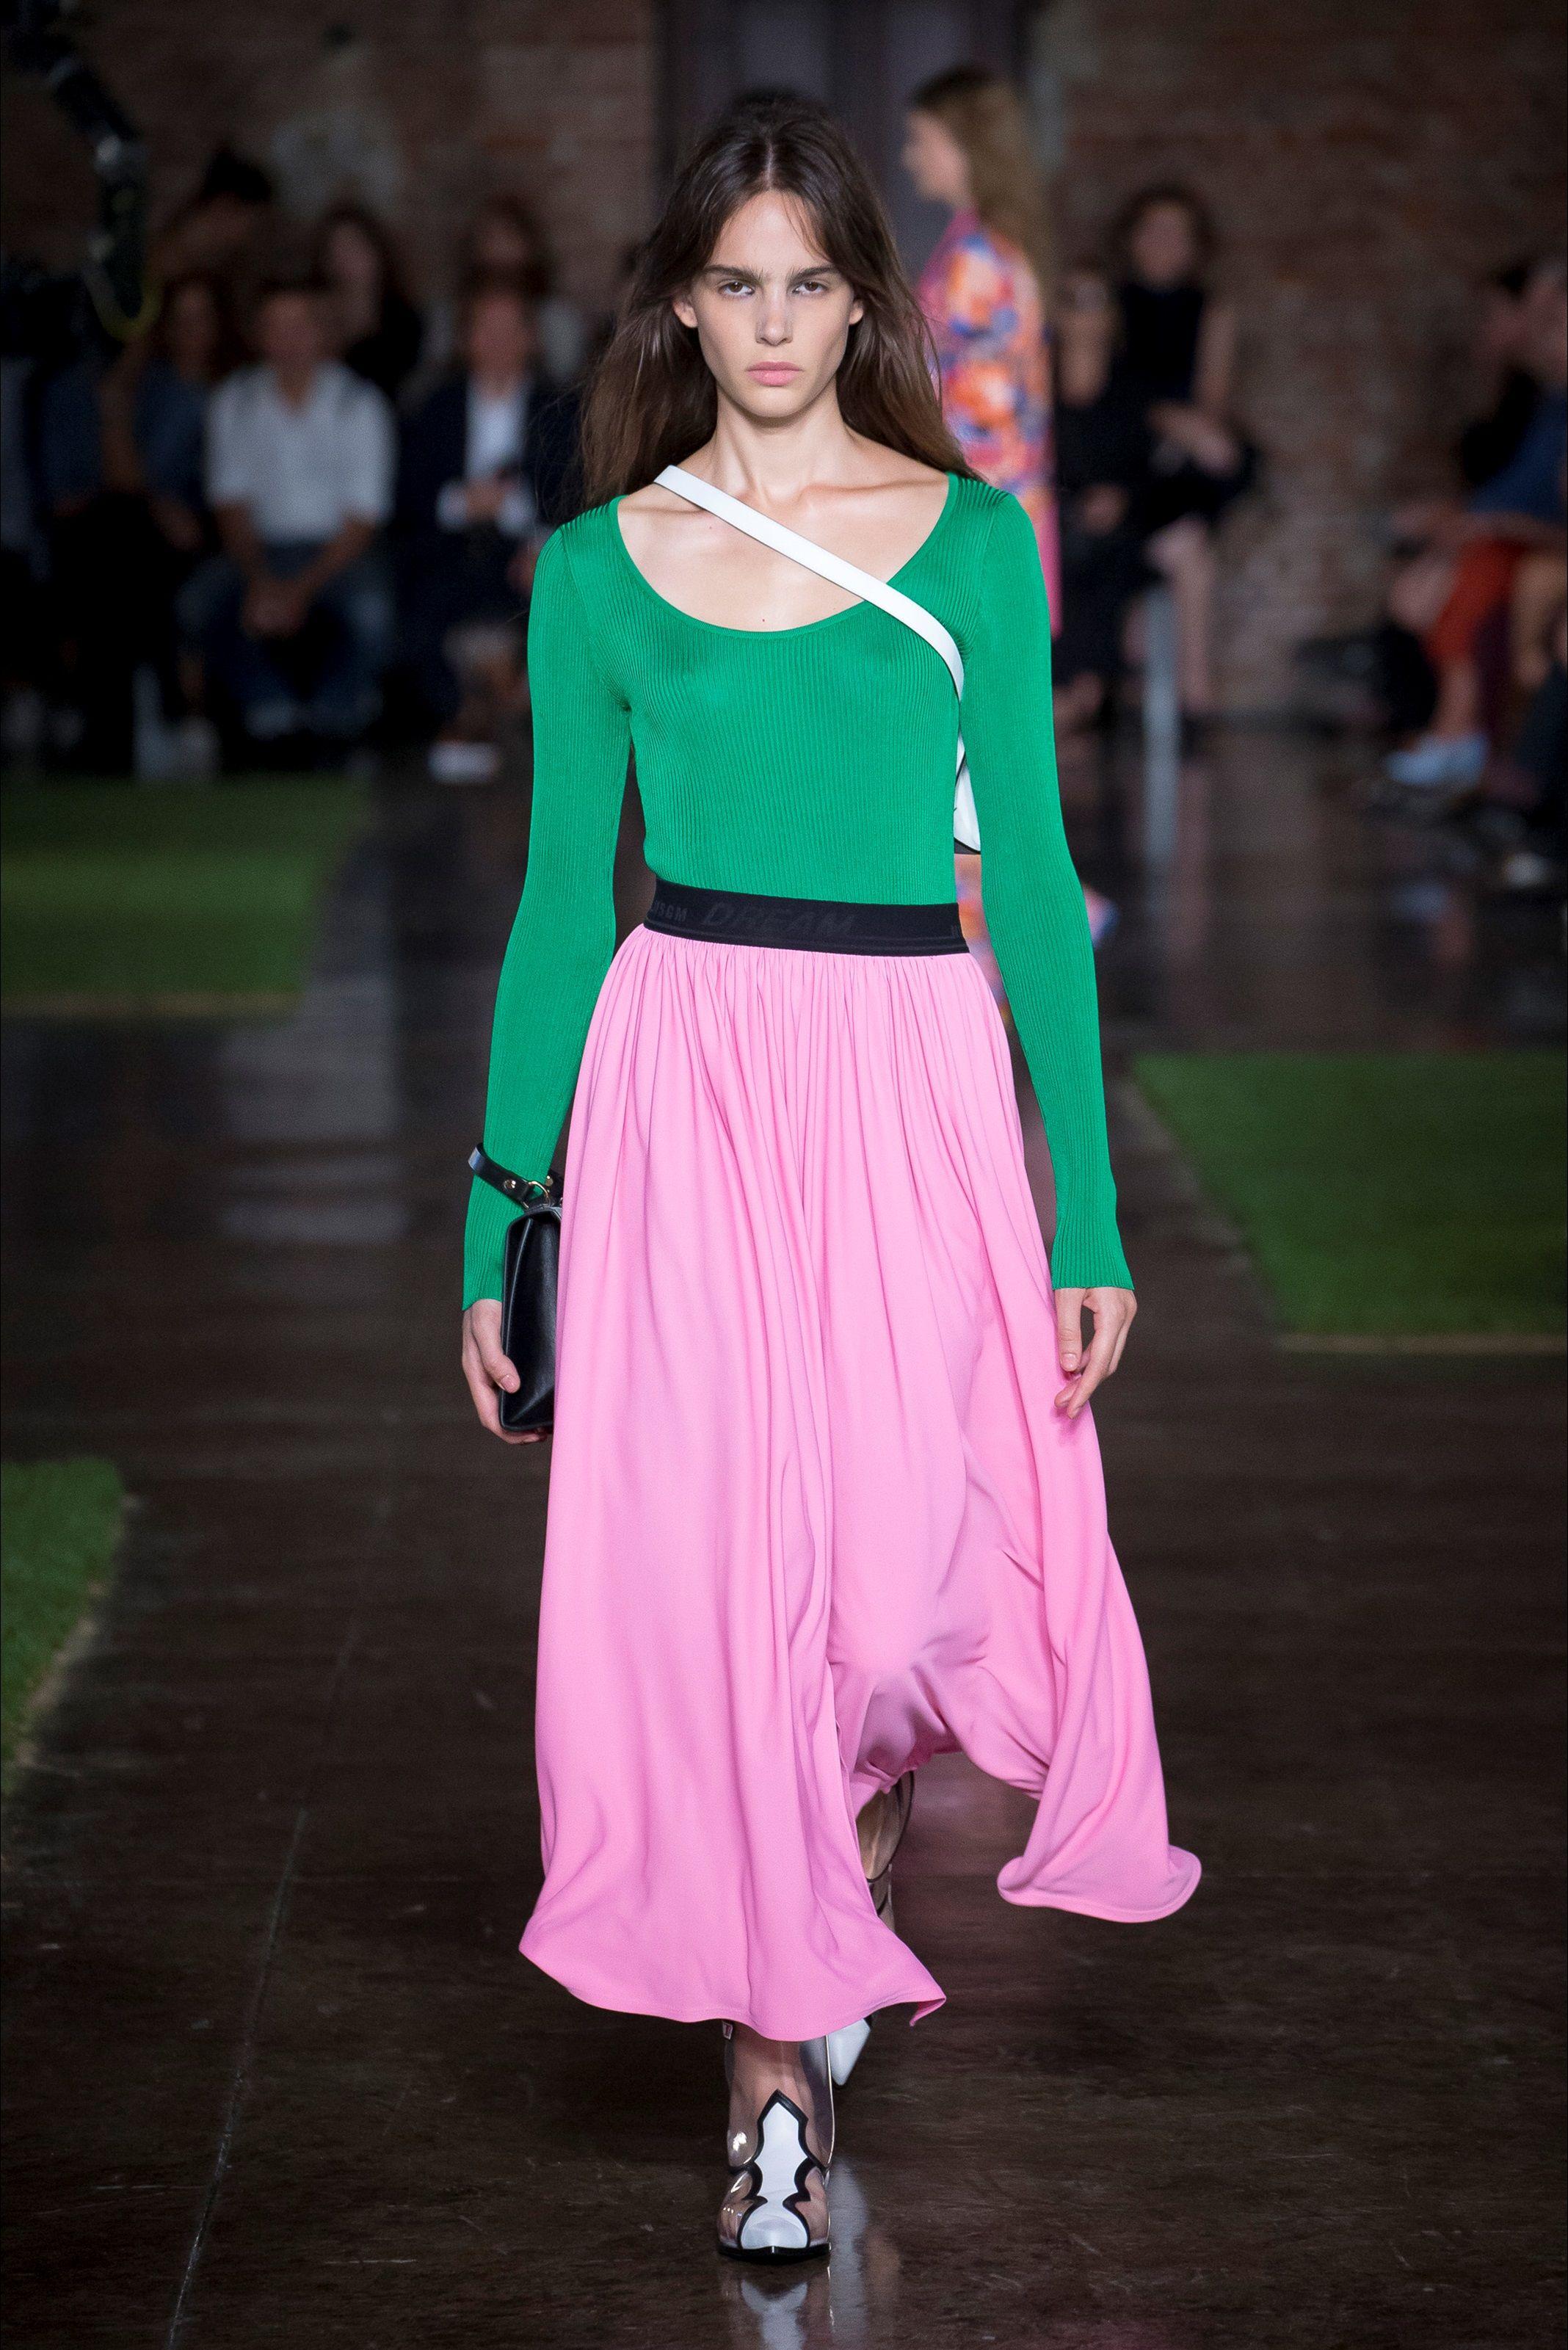 ac5e04dba3 Sfilata MSGM Milano - Collezioni Primavera Estate 2019 - Vogue ...